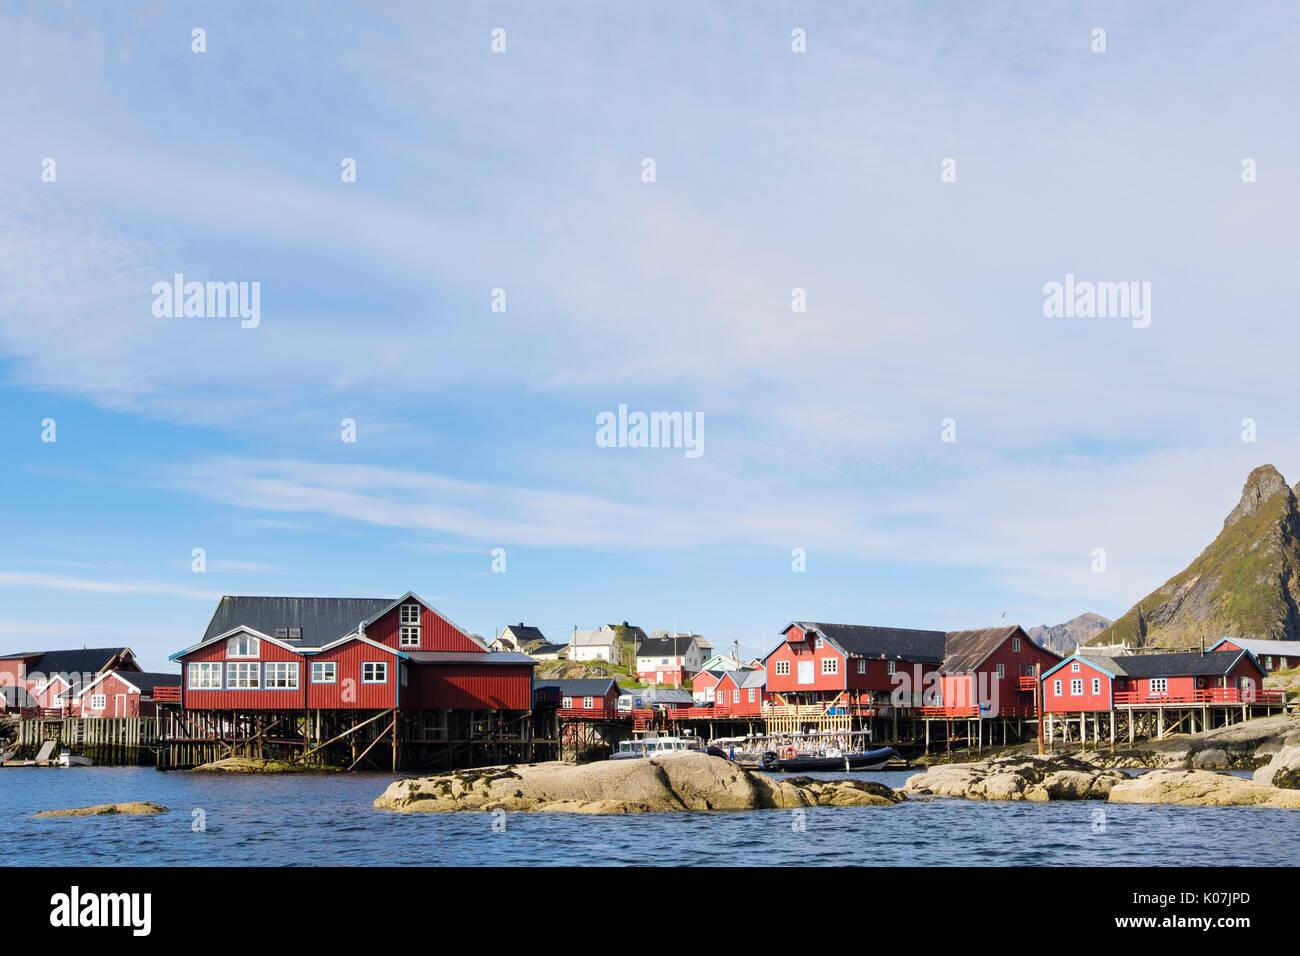 Rosso dei pescatori in legno capanne ed edifici su palafitte da acqua nel villaggio di pescatori di Å, Moskenes, Moskenesøya isola, isole Lofoten, Nordland, Norvegia Immagini Stock